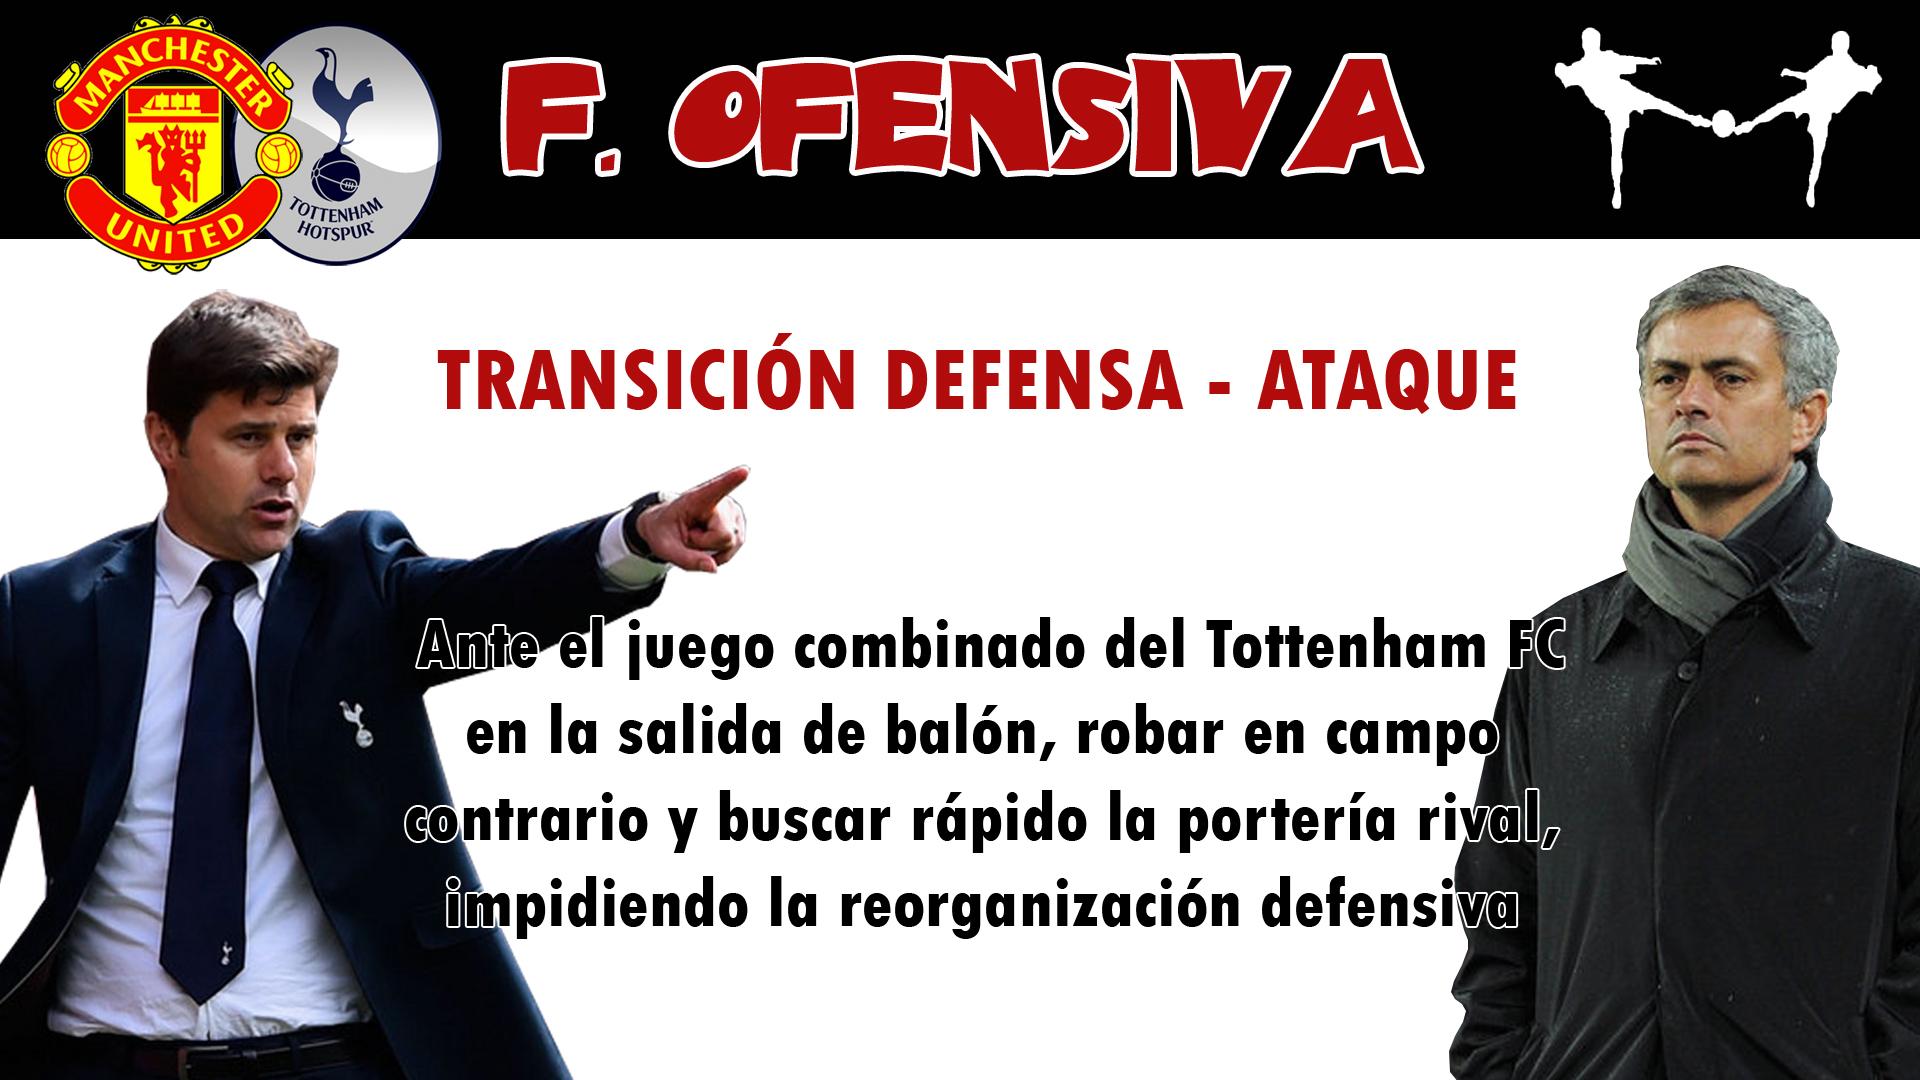 futbolcarrasco analisis tactico mourinho manchester united entrenamiento